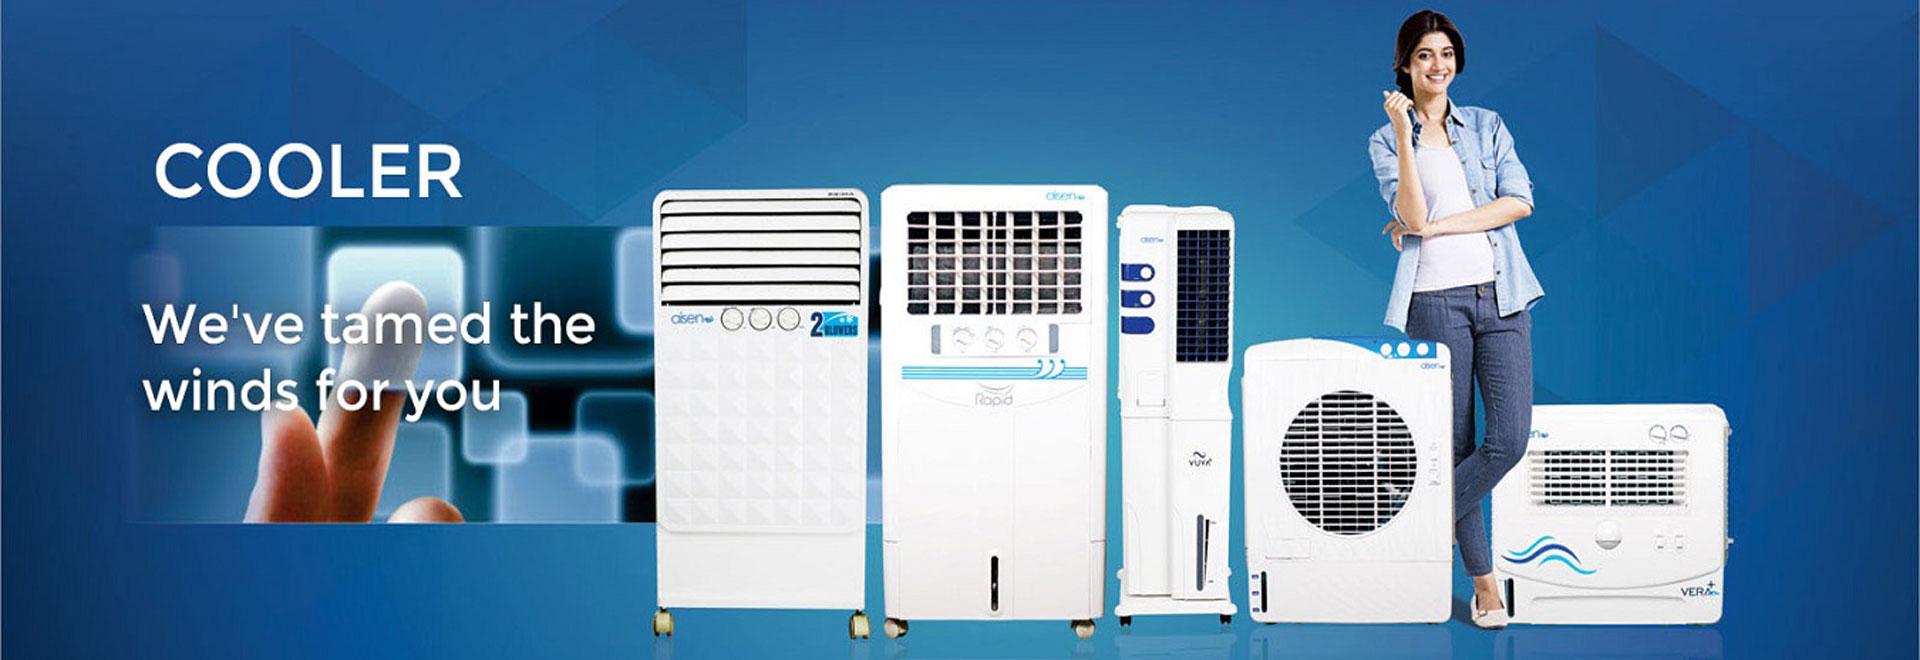 Máy lạnh di động chính hãng